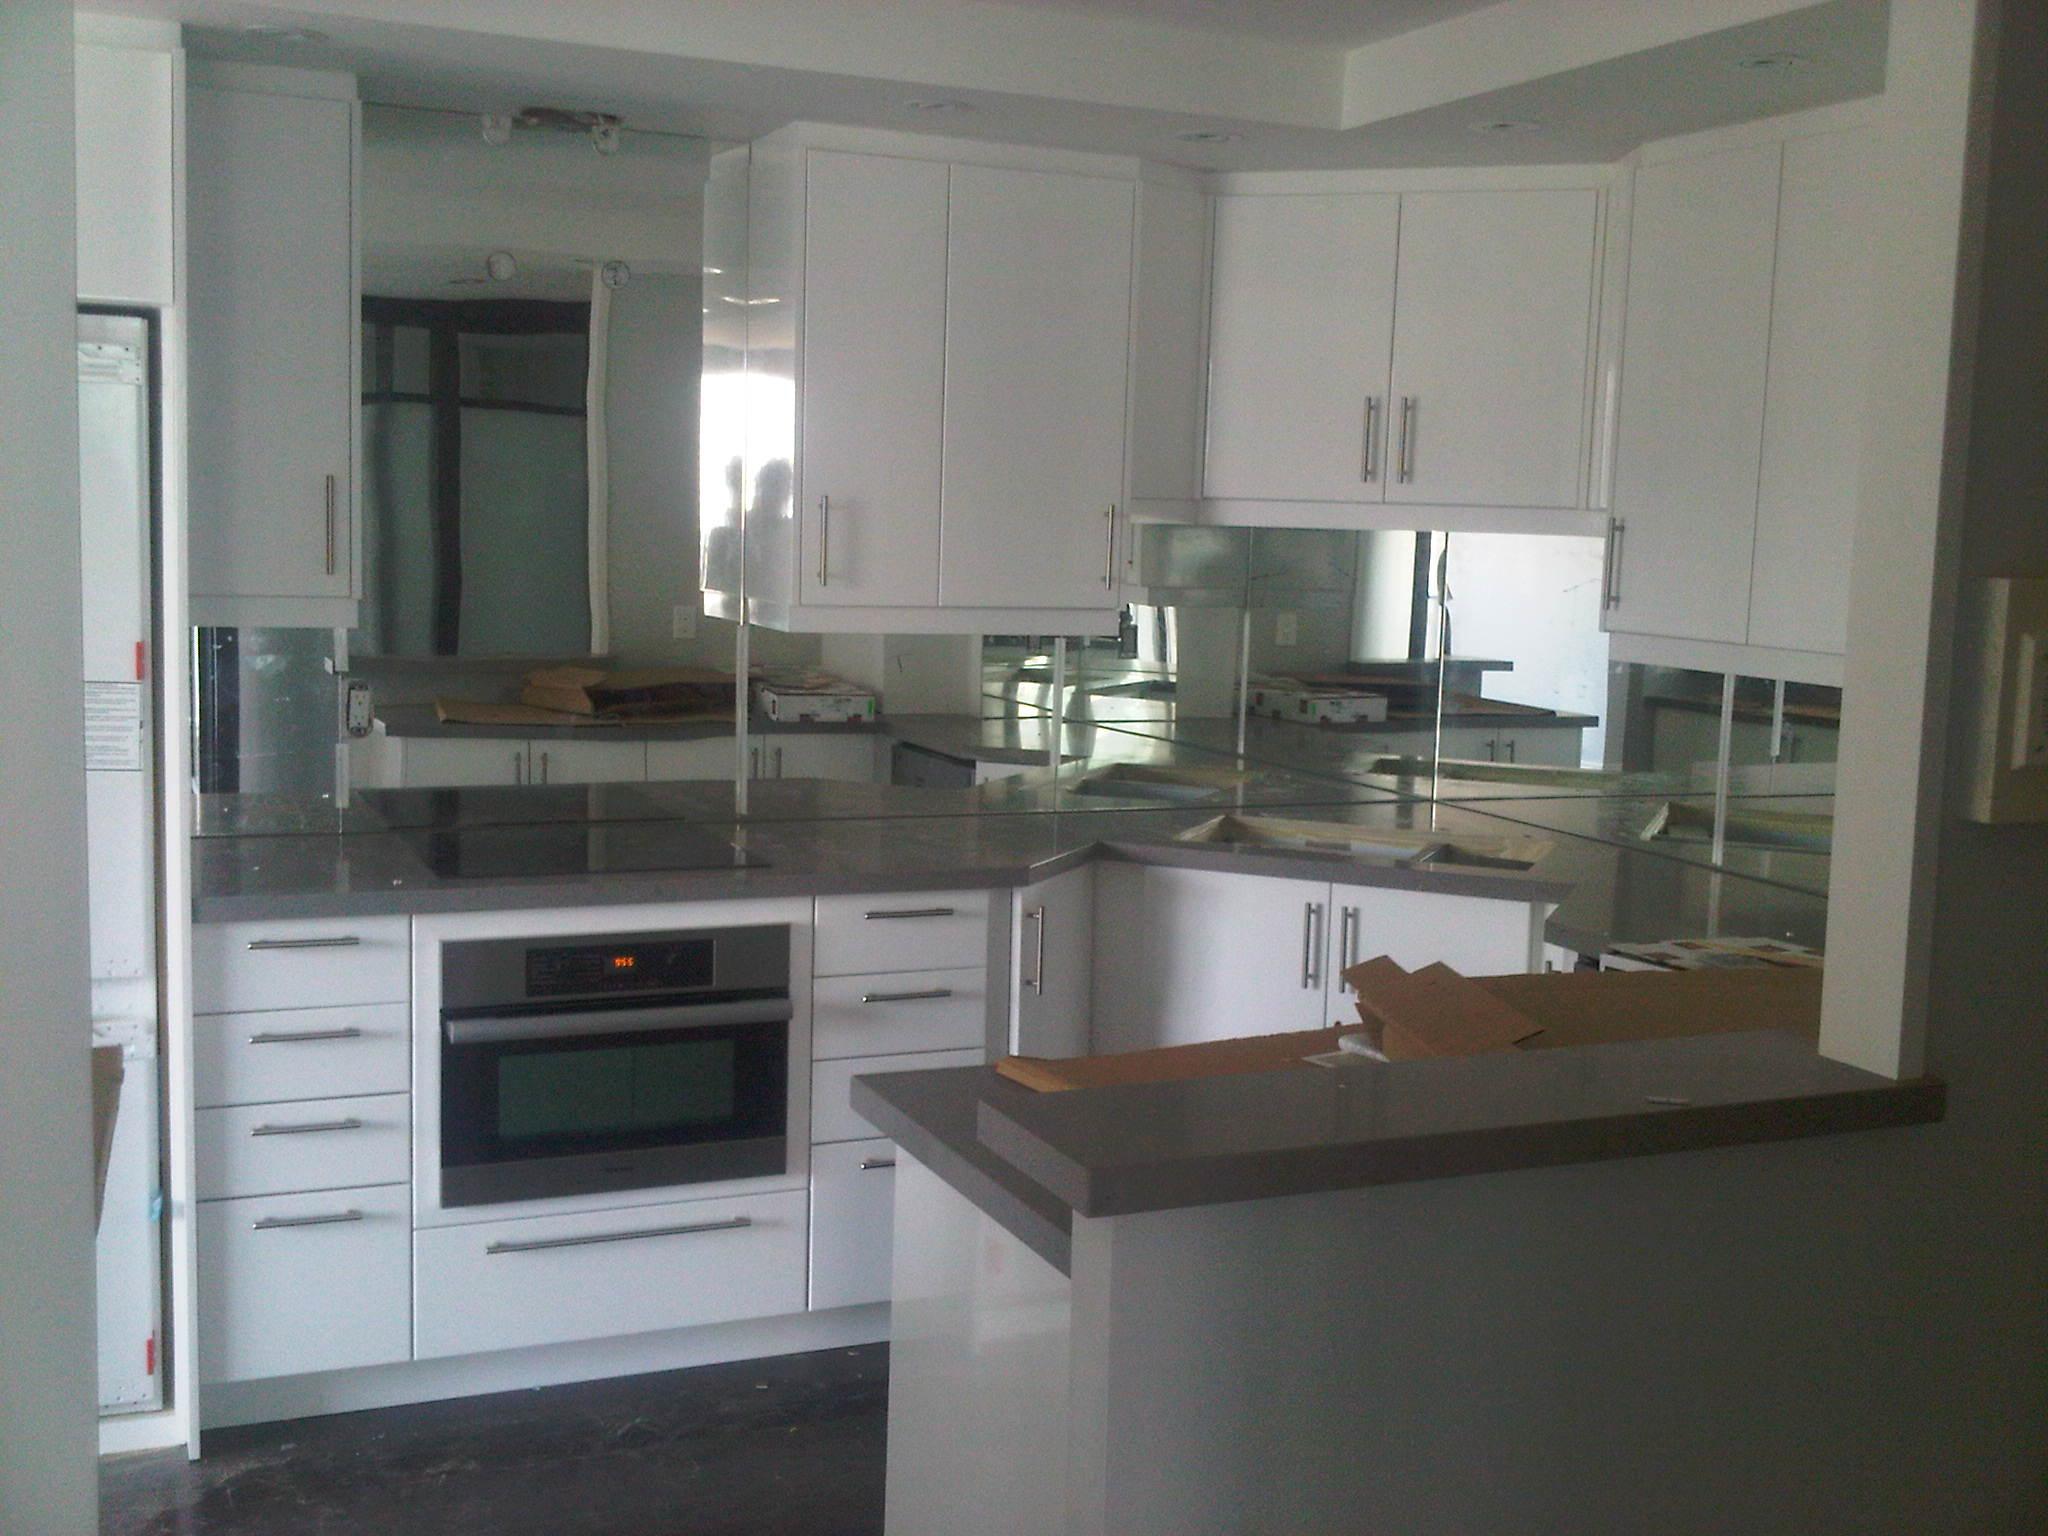 Зеркало в интерьере кухни: советы по выбору и размещению, фото примеры